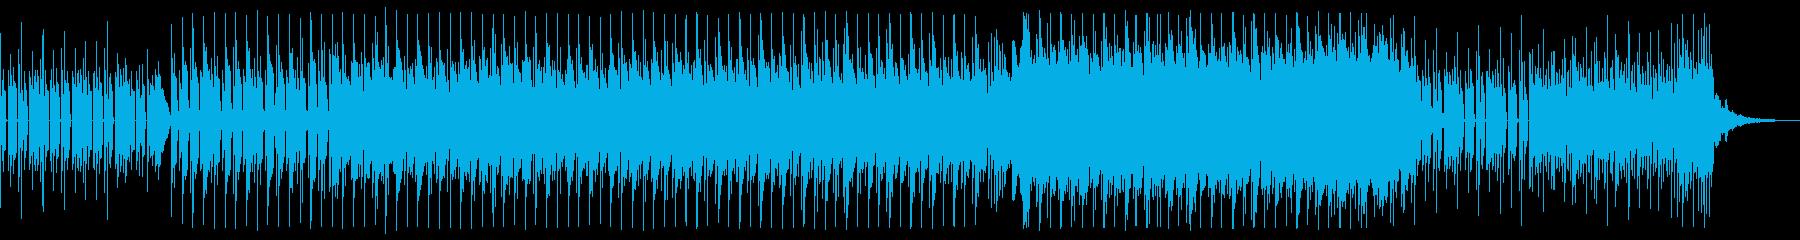 サイバーパンクな近未来社会を表現した楽曲の再生済みの波形